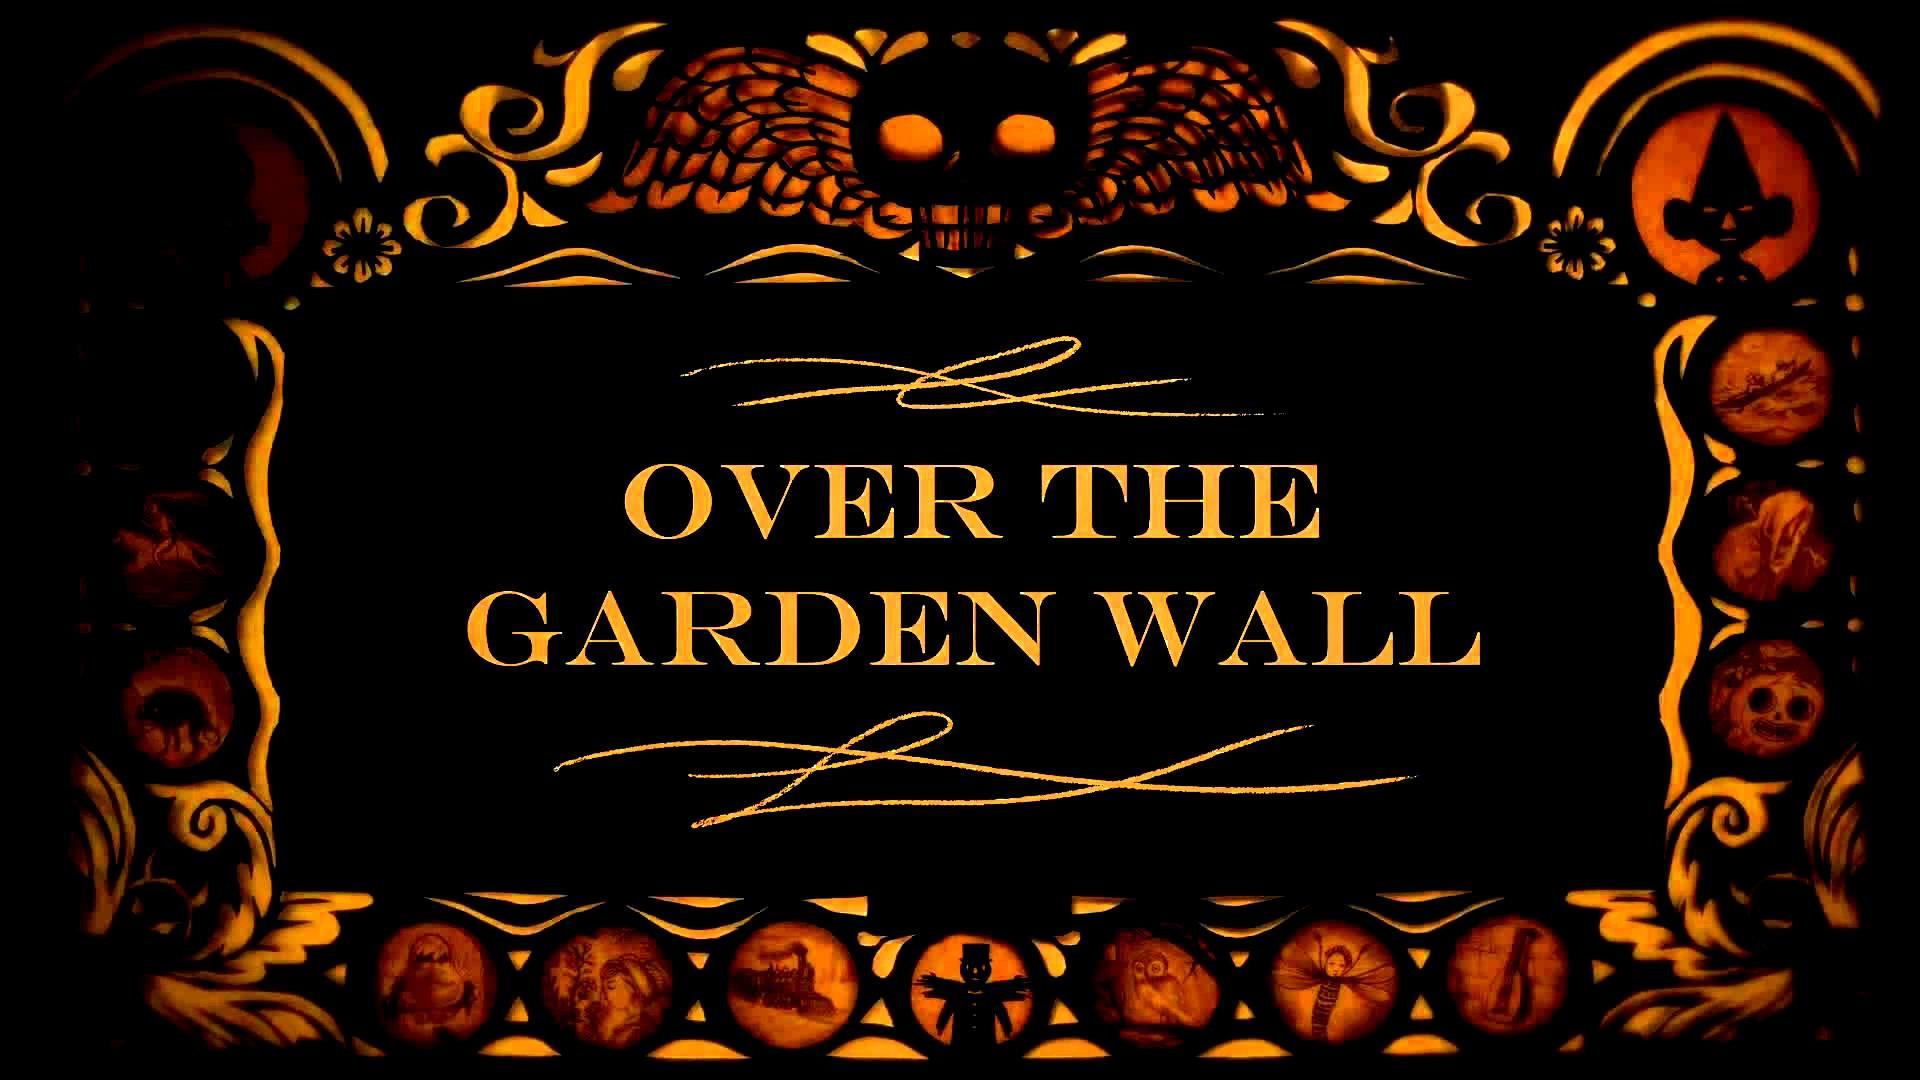 Over the Garden Wall Intro (Polish)